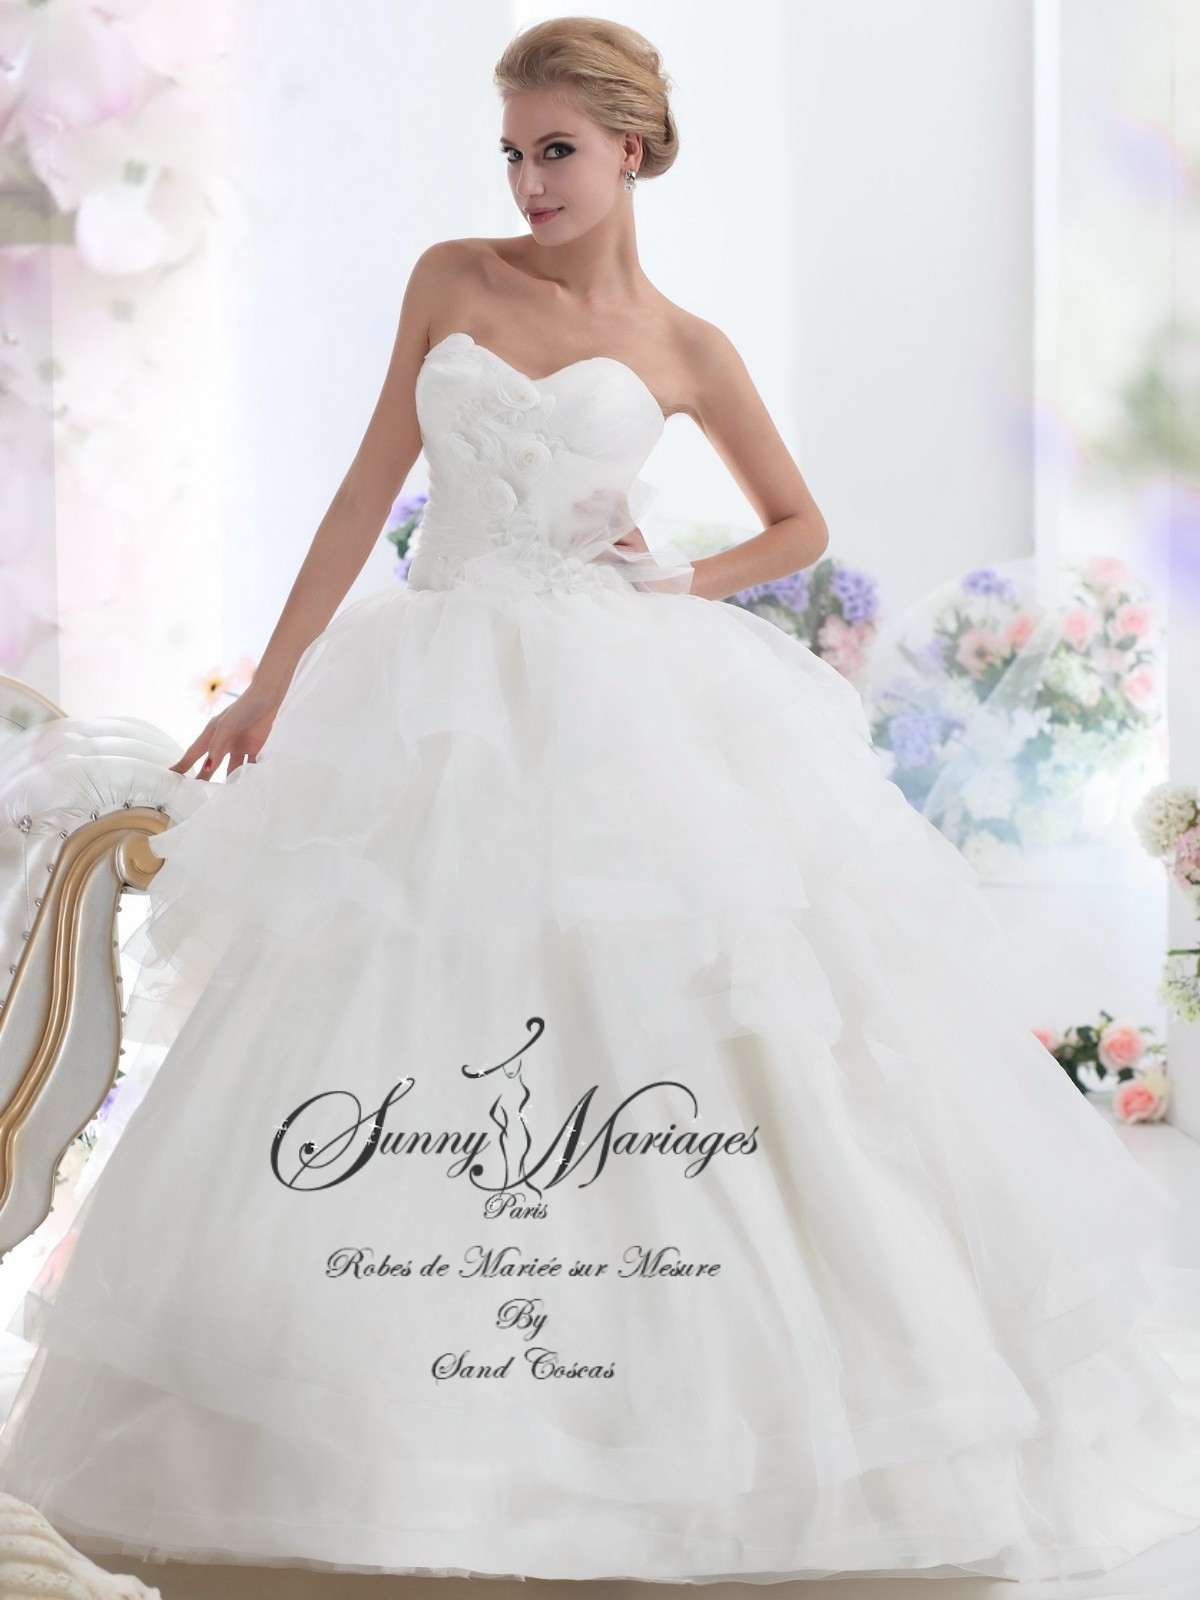 ... » robe de mariée » Robe de mariée princesse en tulle « Cygne